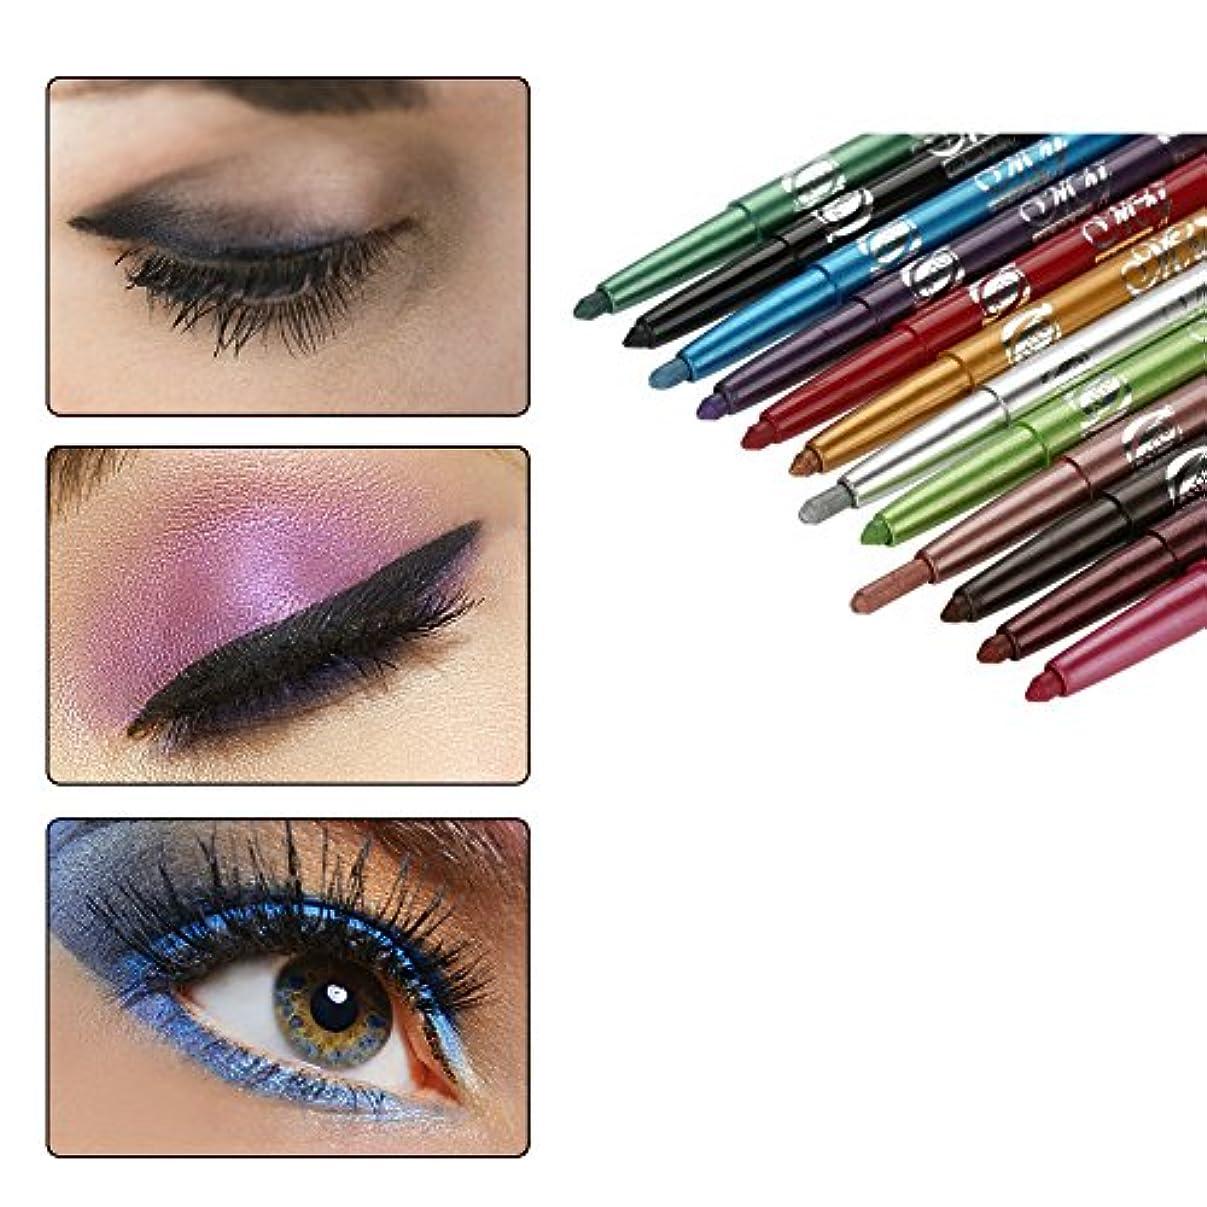 征服支店文献12色のアイシャドーアイライナー リップライナーペンシル 化粧ペン メイクアップセット 防水 長持ち 人気